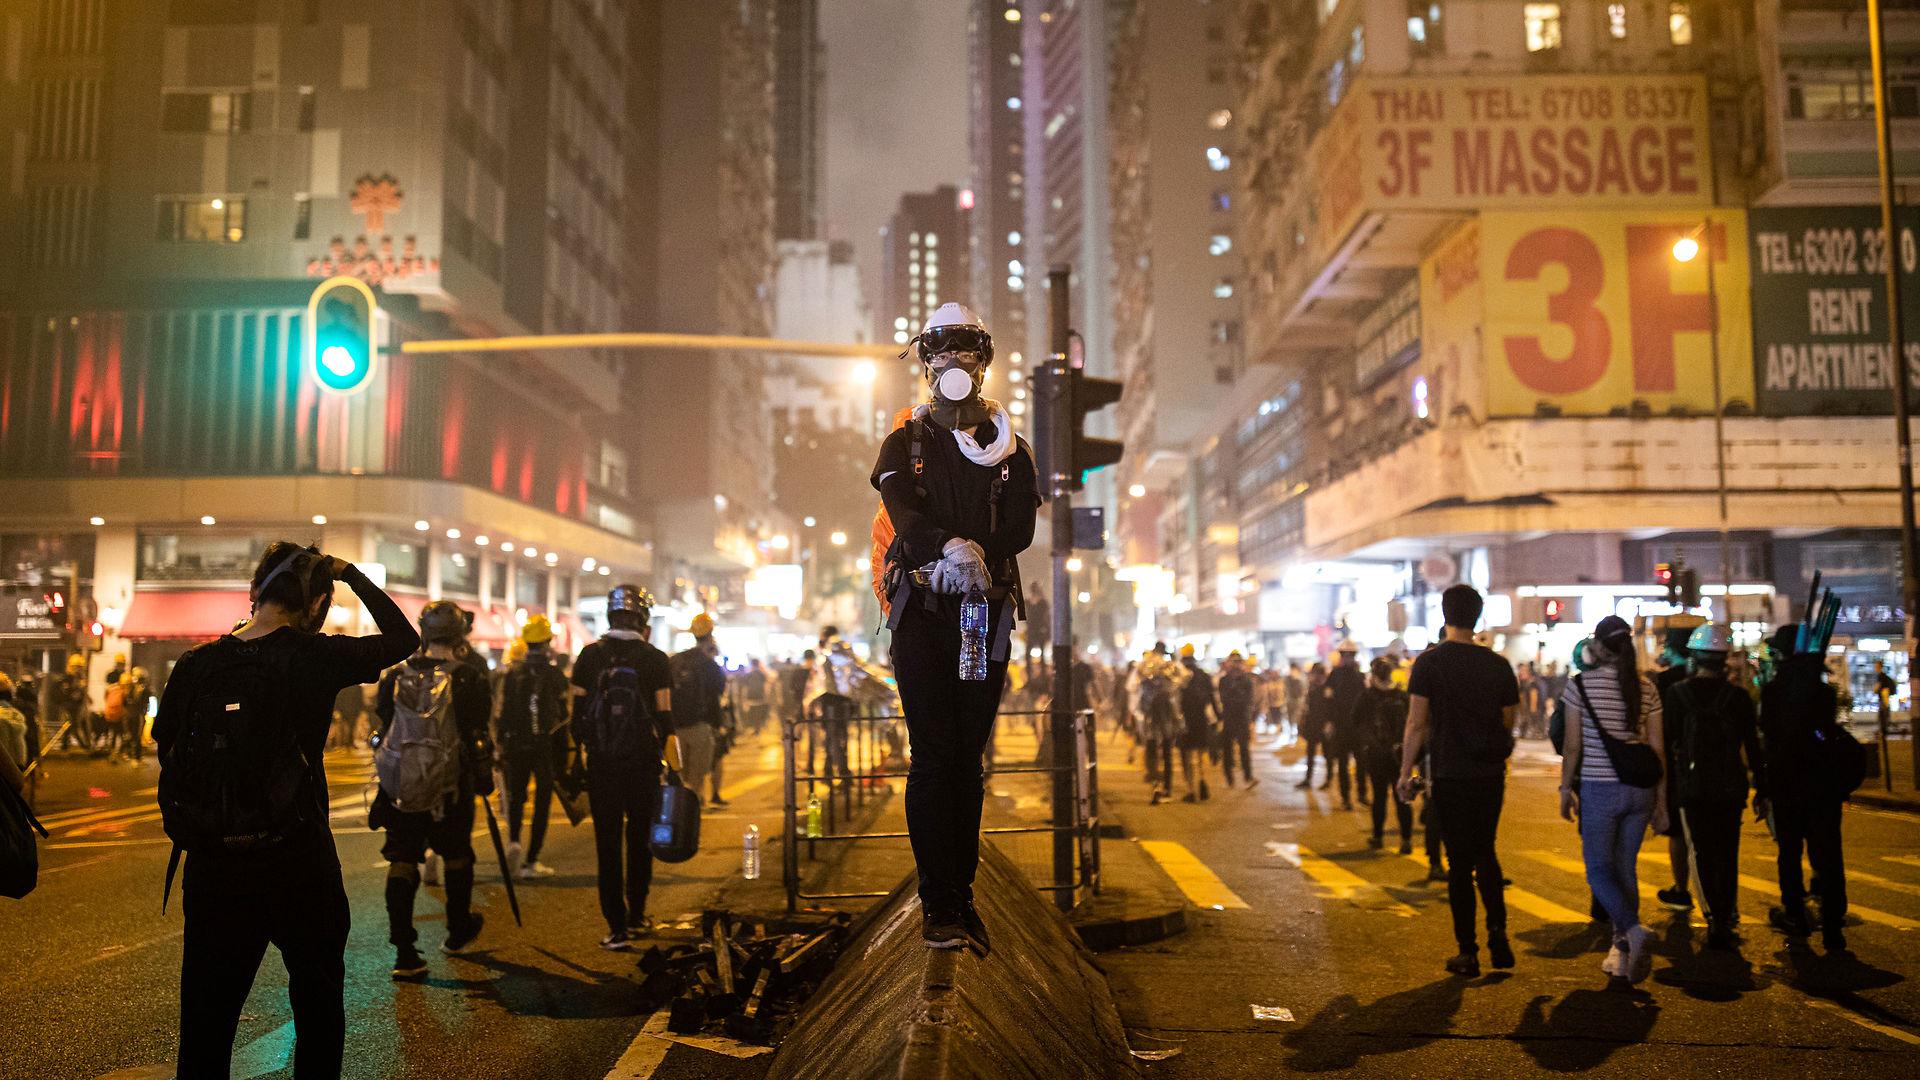 Protestleder i Hongkong Wong Yik Mo:  Vi forlanger intet andet end demokratiske rettigheder. Hvorfor vil Danmark ikke støtte os?